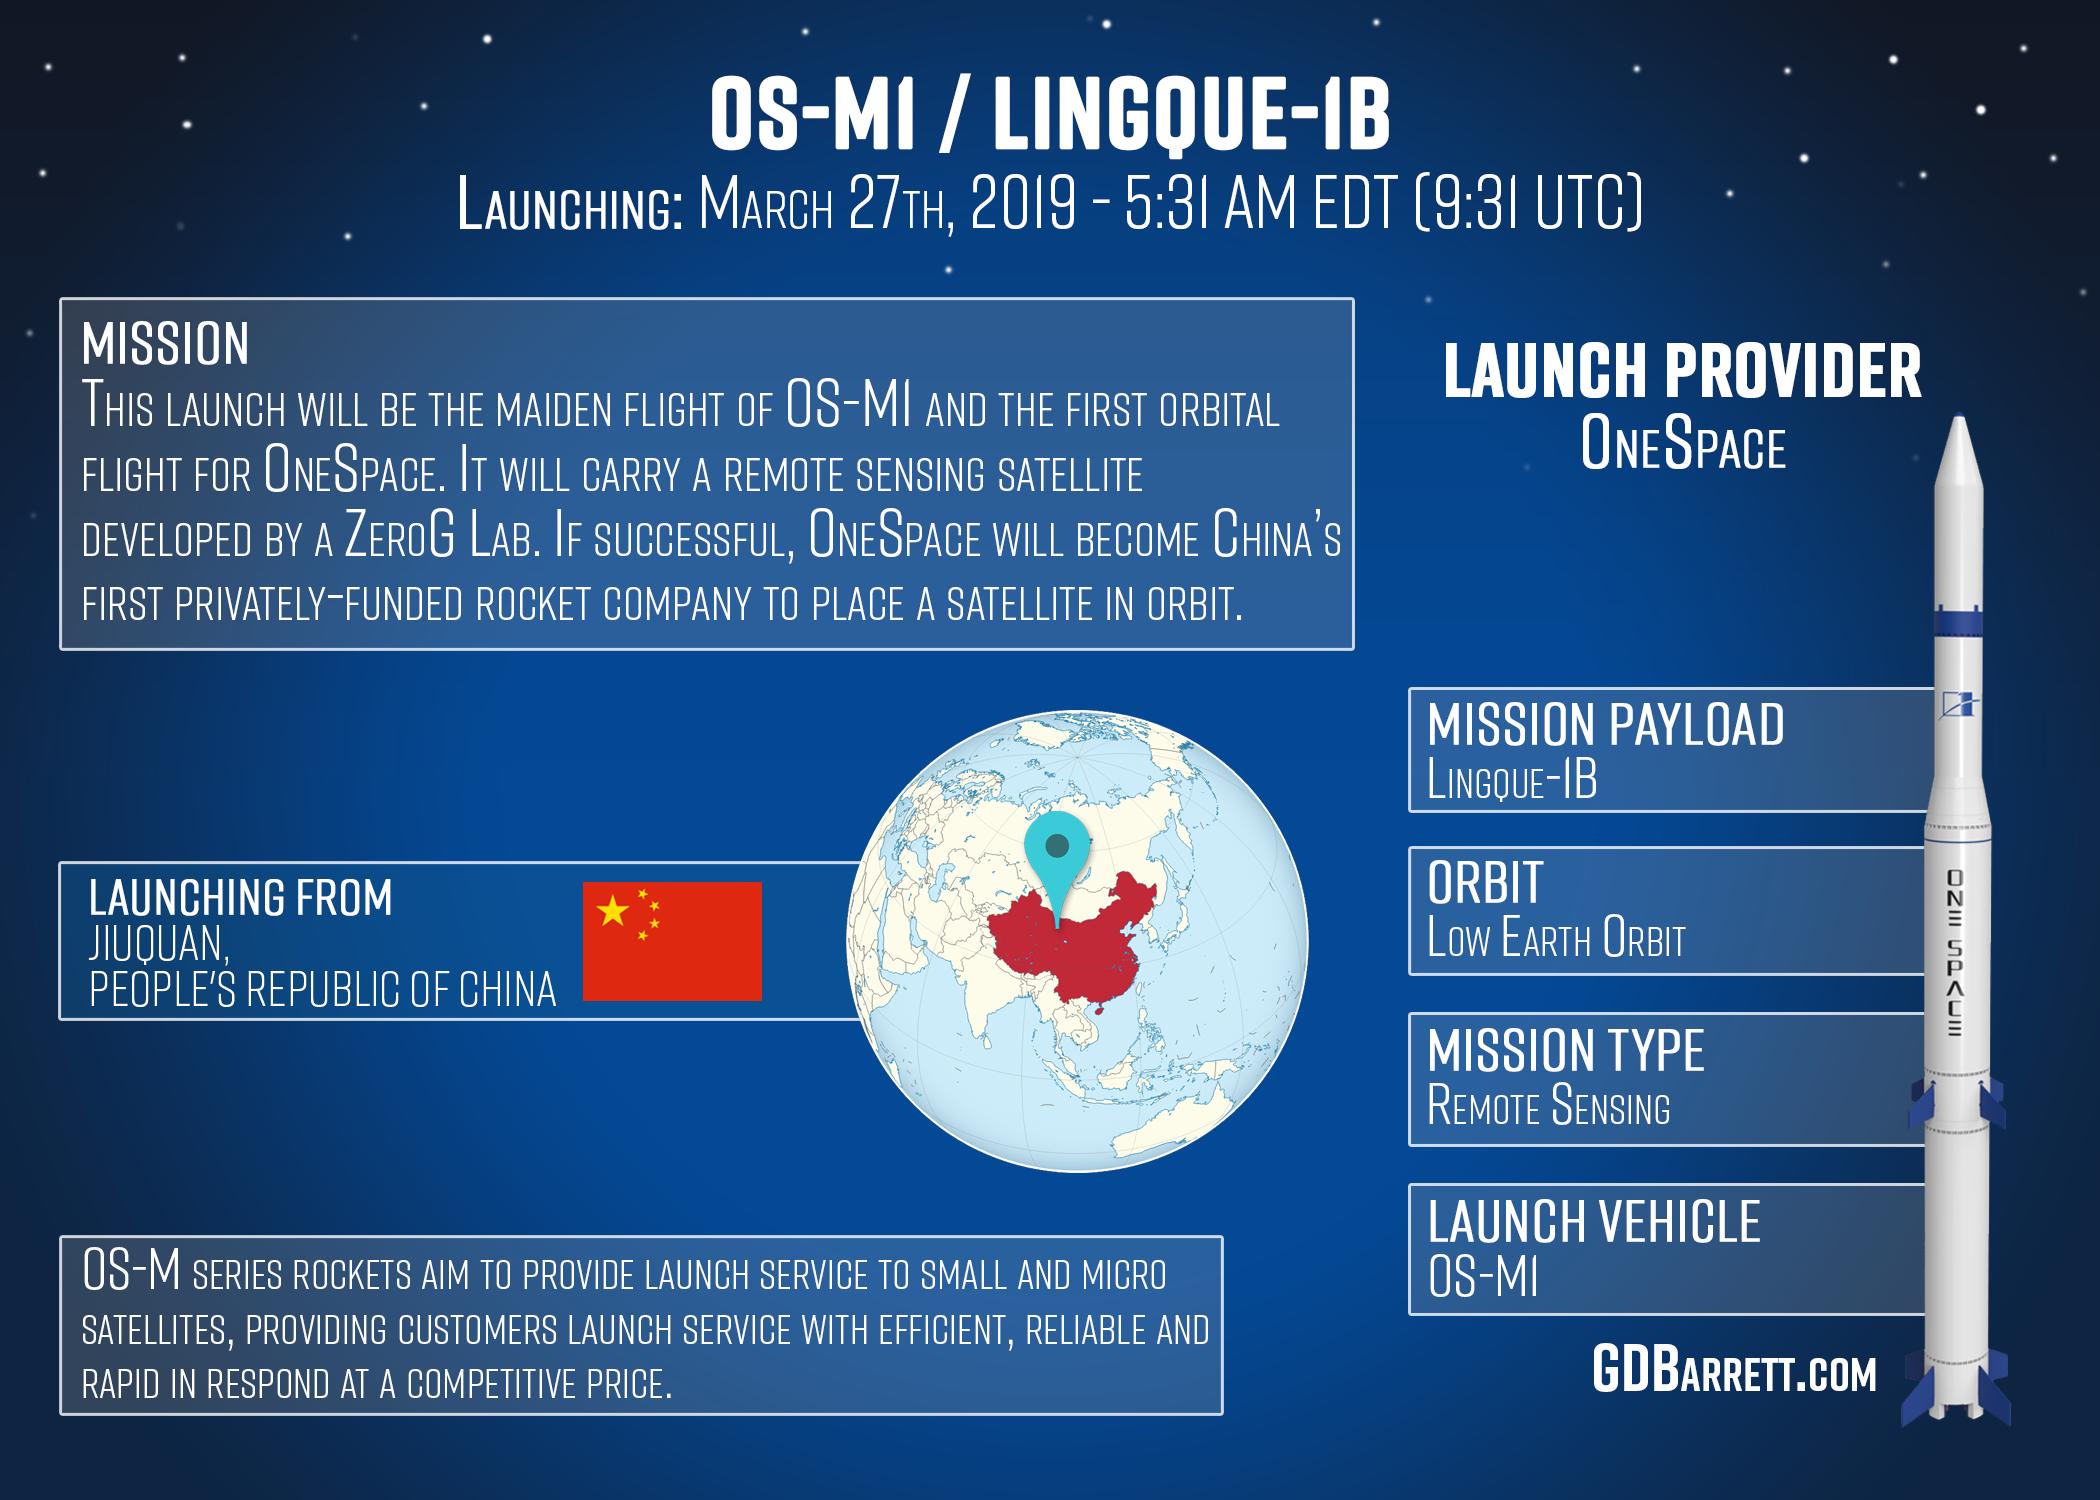 OneSpace OS-M1 Linque-1B